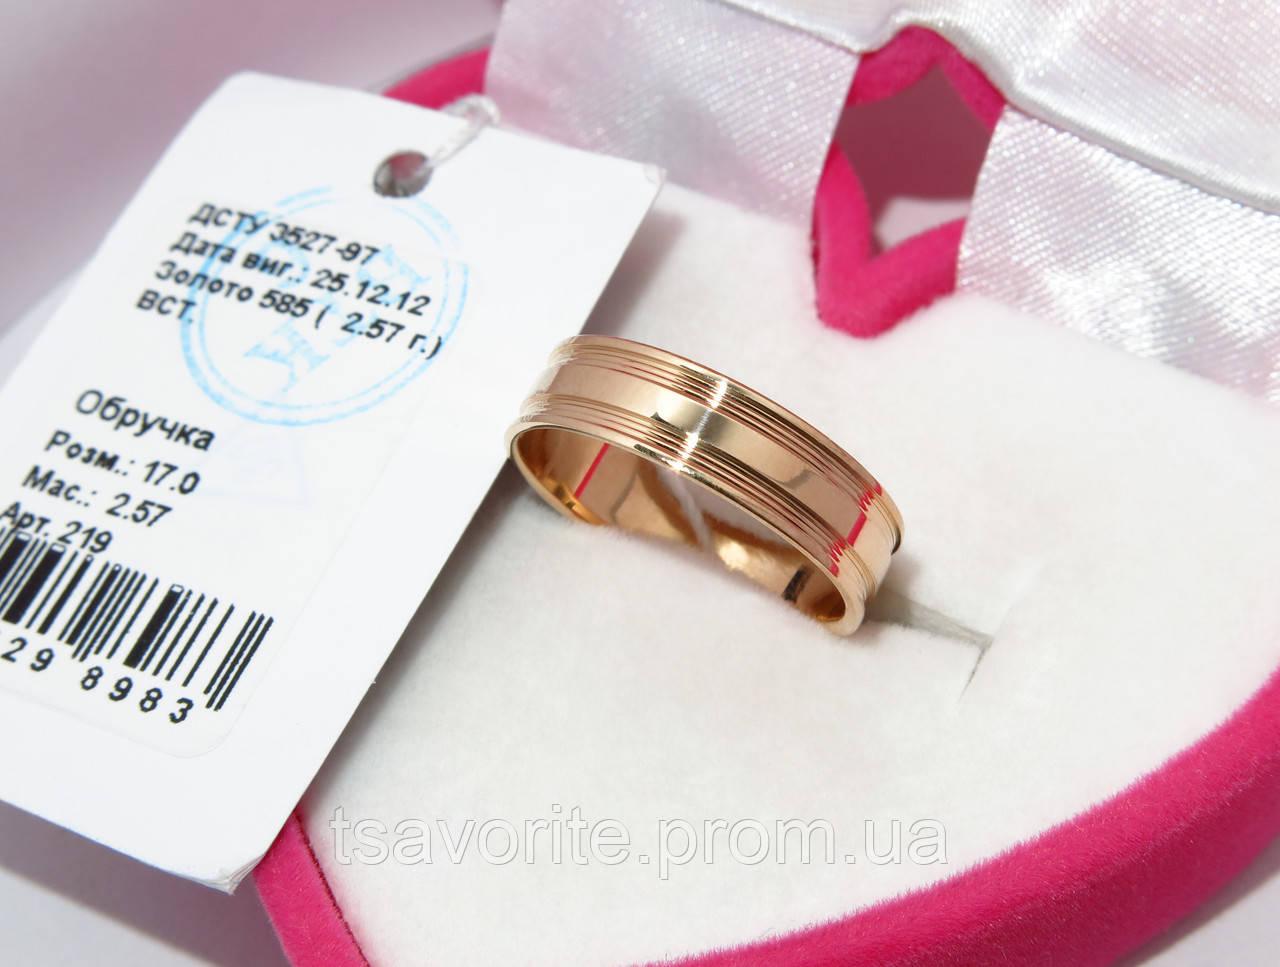 Золотое обручальное кольцо 219